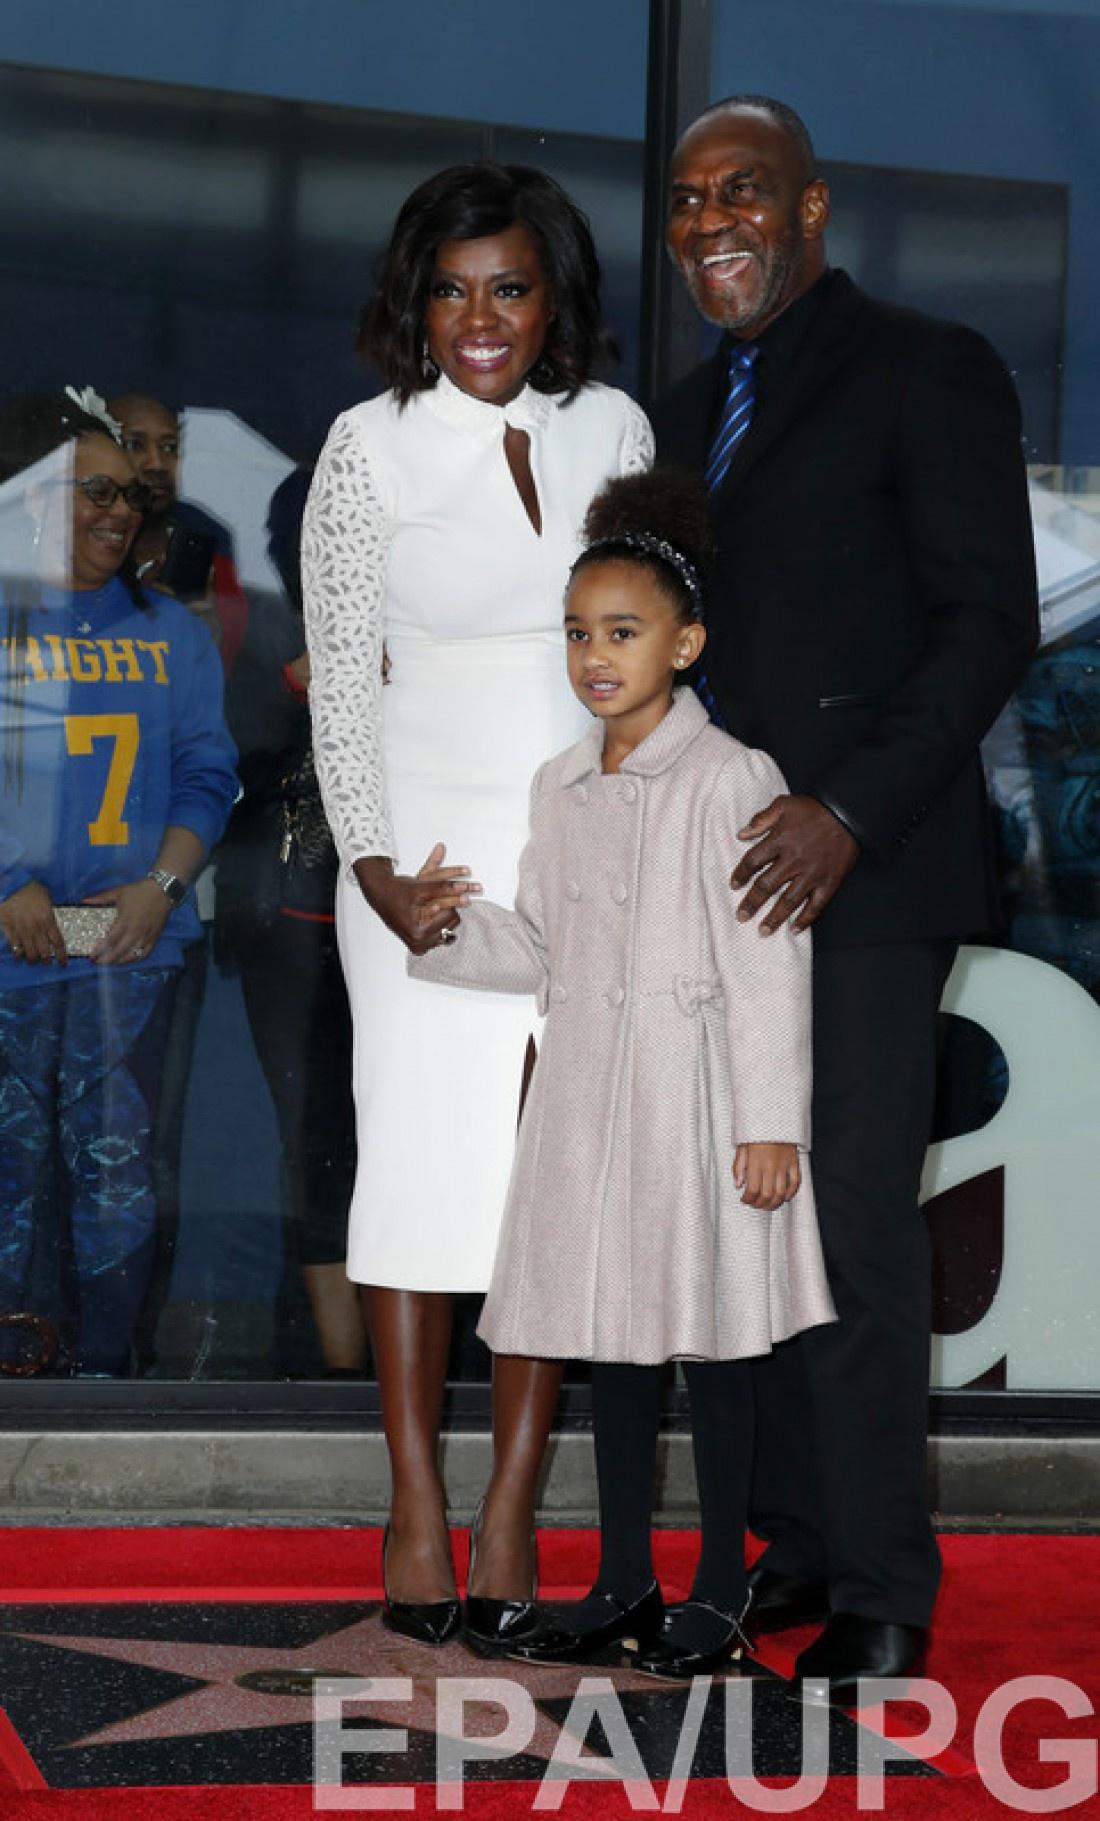 Виола с дочкой и мужем